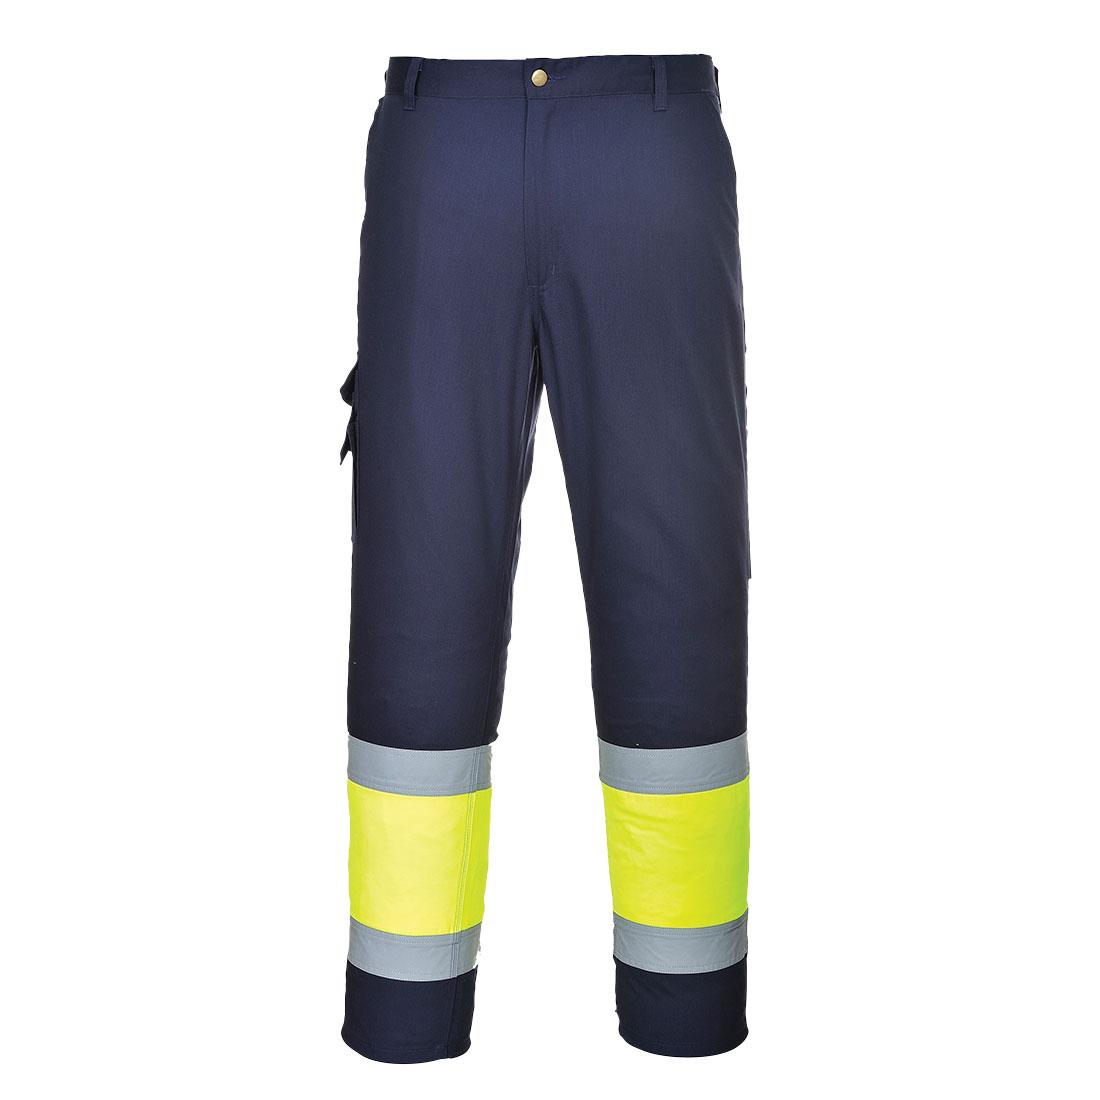 Portwest Hi-Vis Bicolor Combat Trousers (Geel/Navy) S